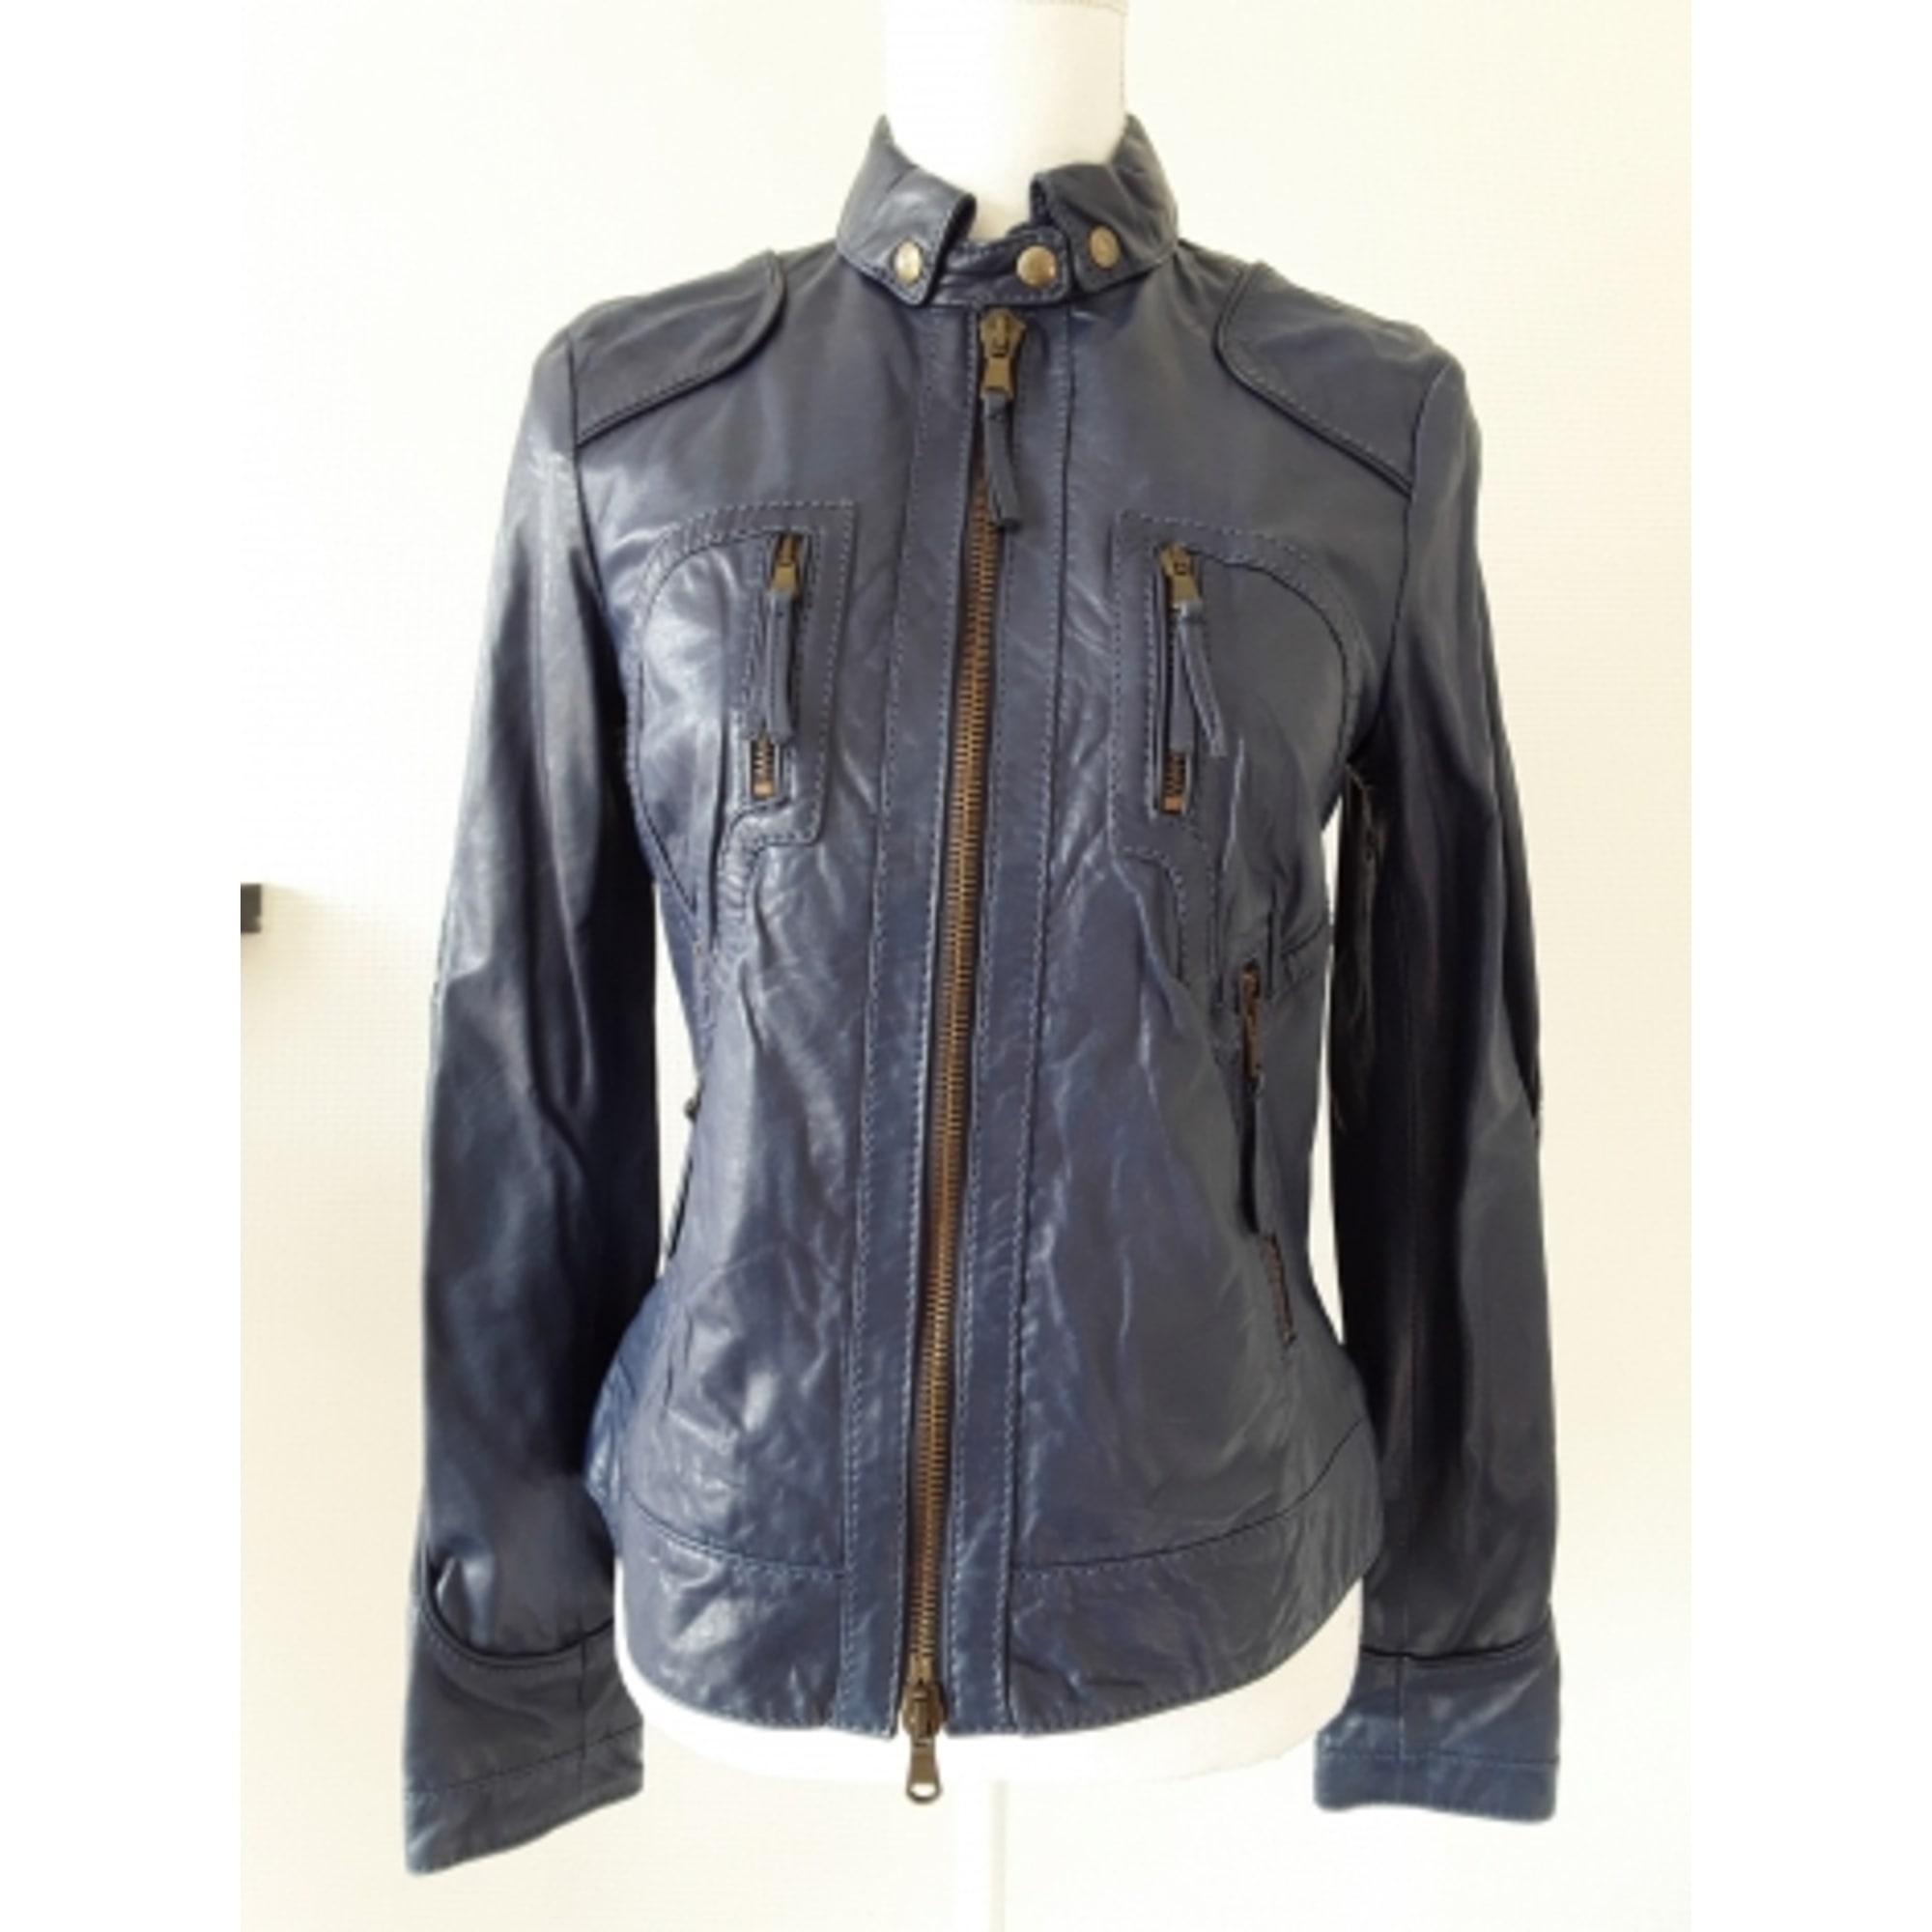 Veste en cuir MARLBORO CLASSICS Bleu, bleu marine, bleu turquoise